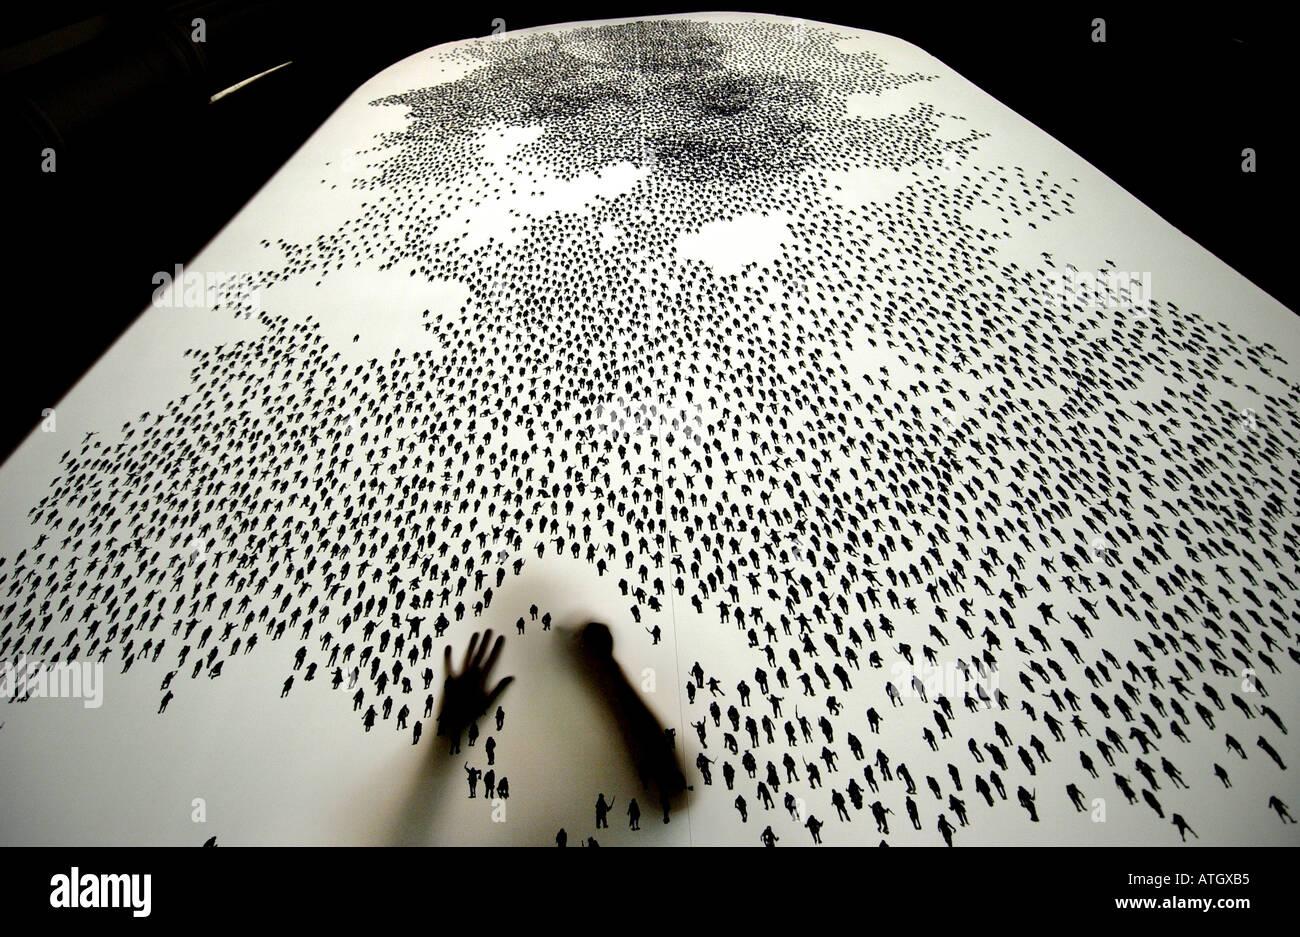 Laborieusement artiste attire dix mille petits personnages humains sur un écran Photo Stock